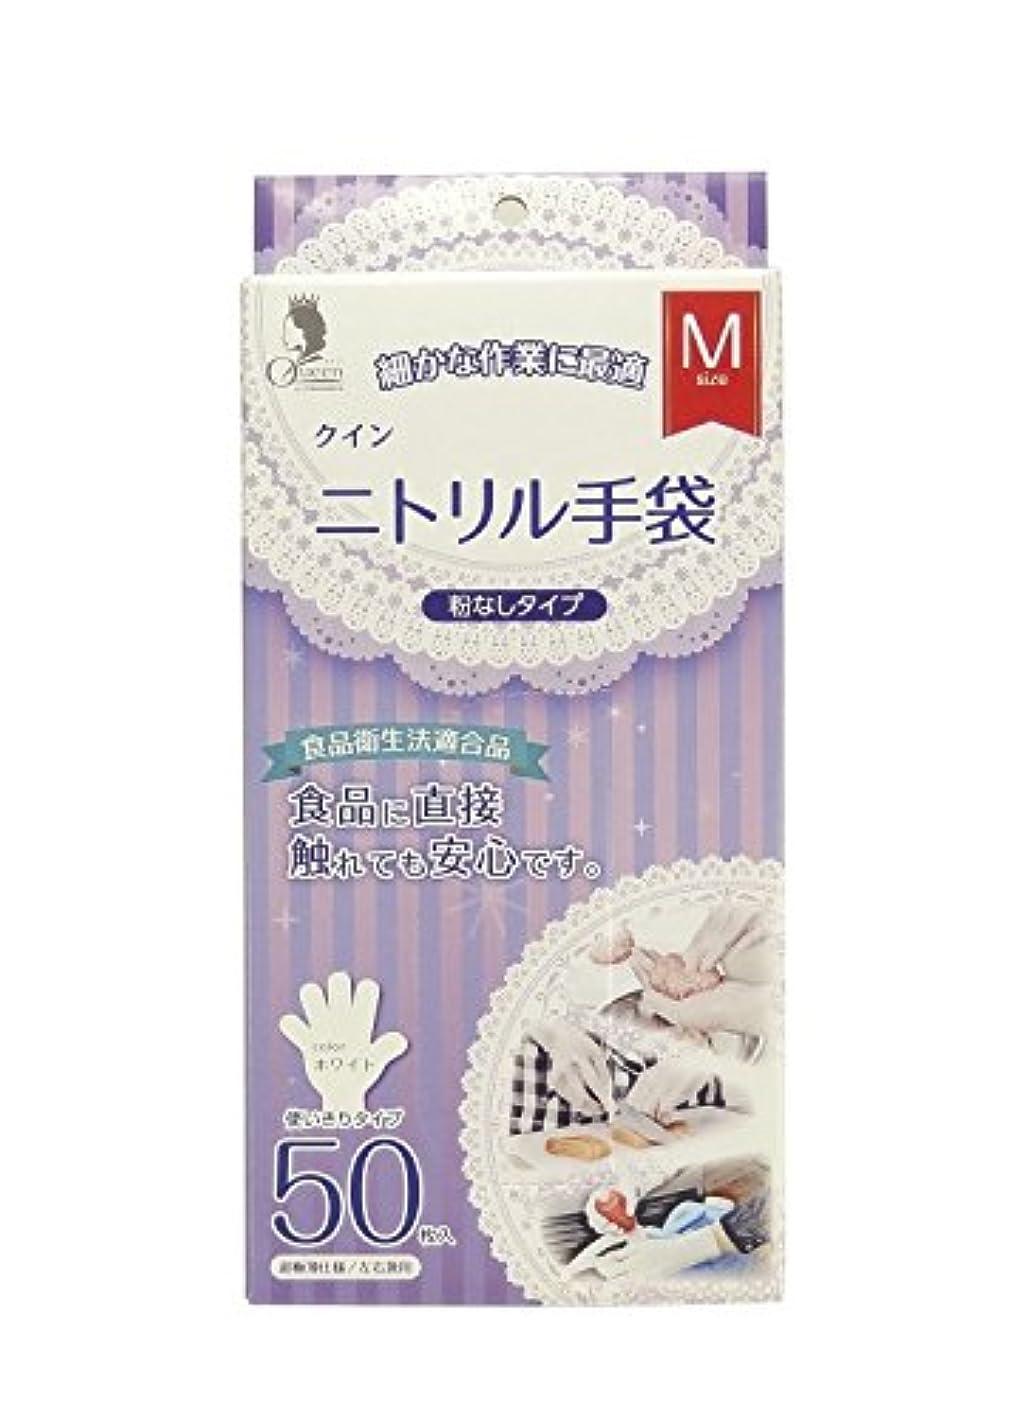 夕方自殺あらゆる種類の宇都宮製作 クイン ニトリル手袋(パウダーフリー) M 50枚